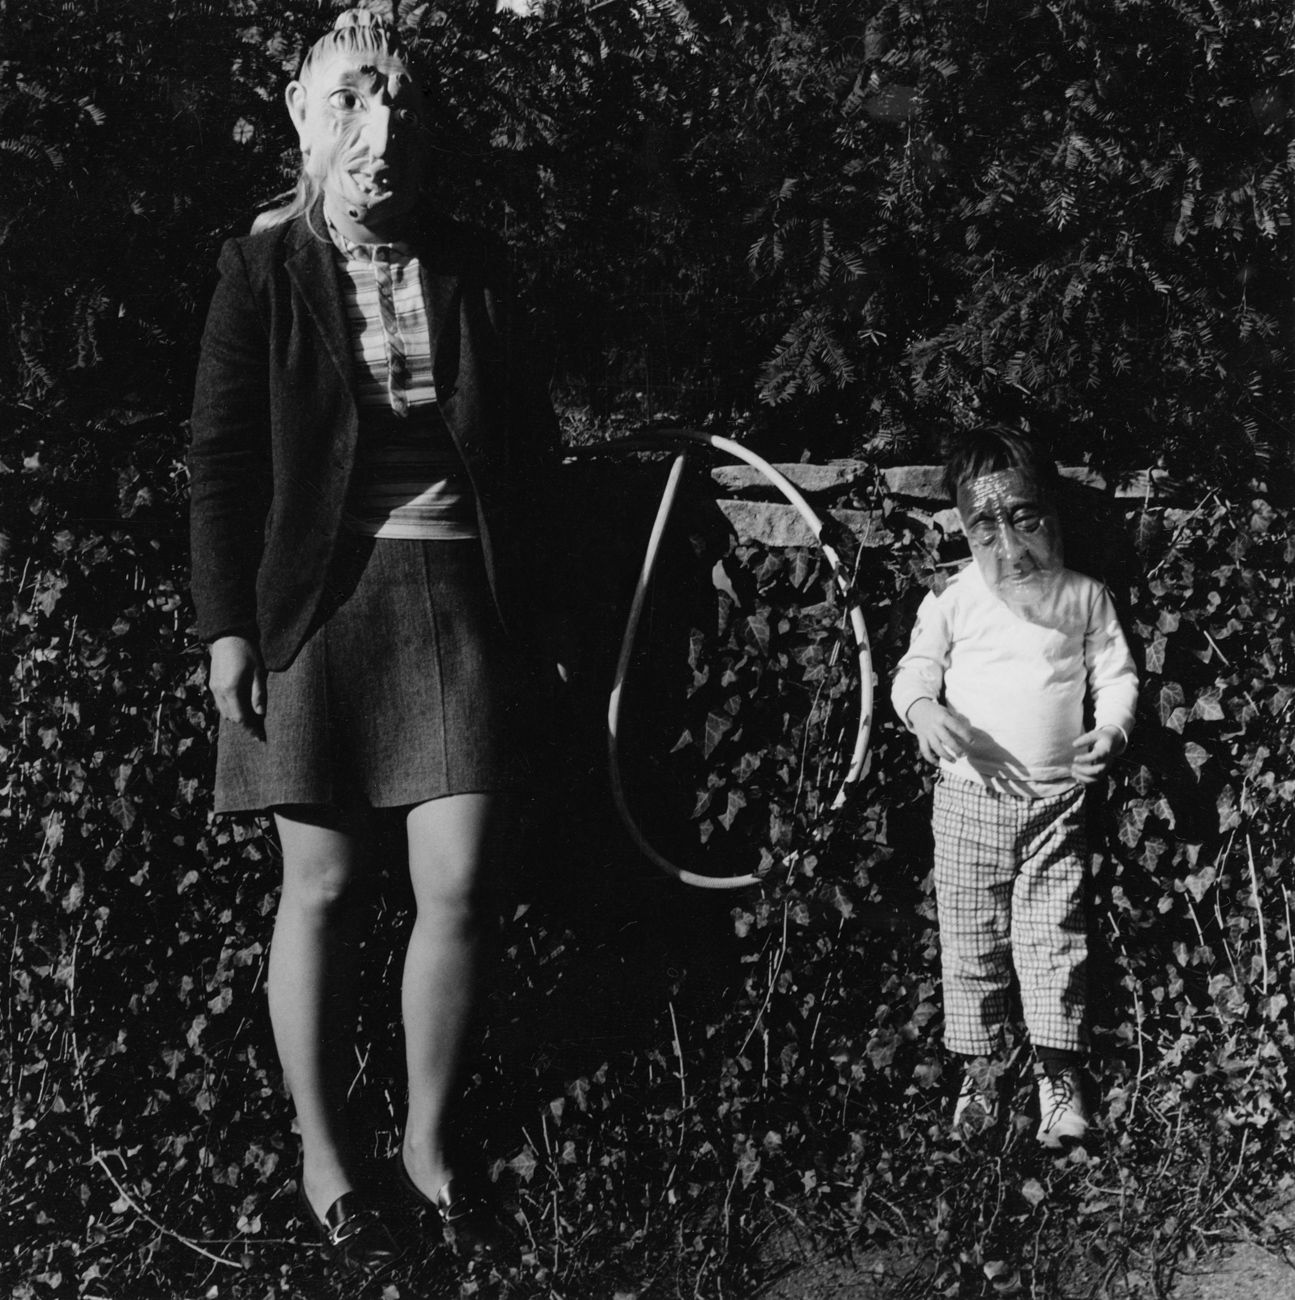 One of seven kids of Mertonian friend, 1970-72